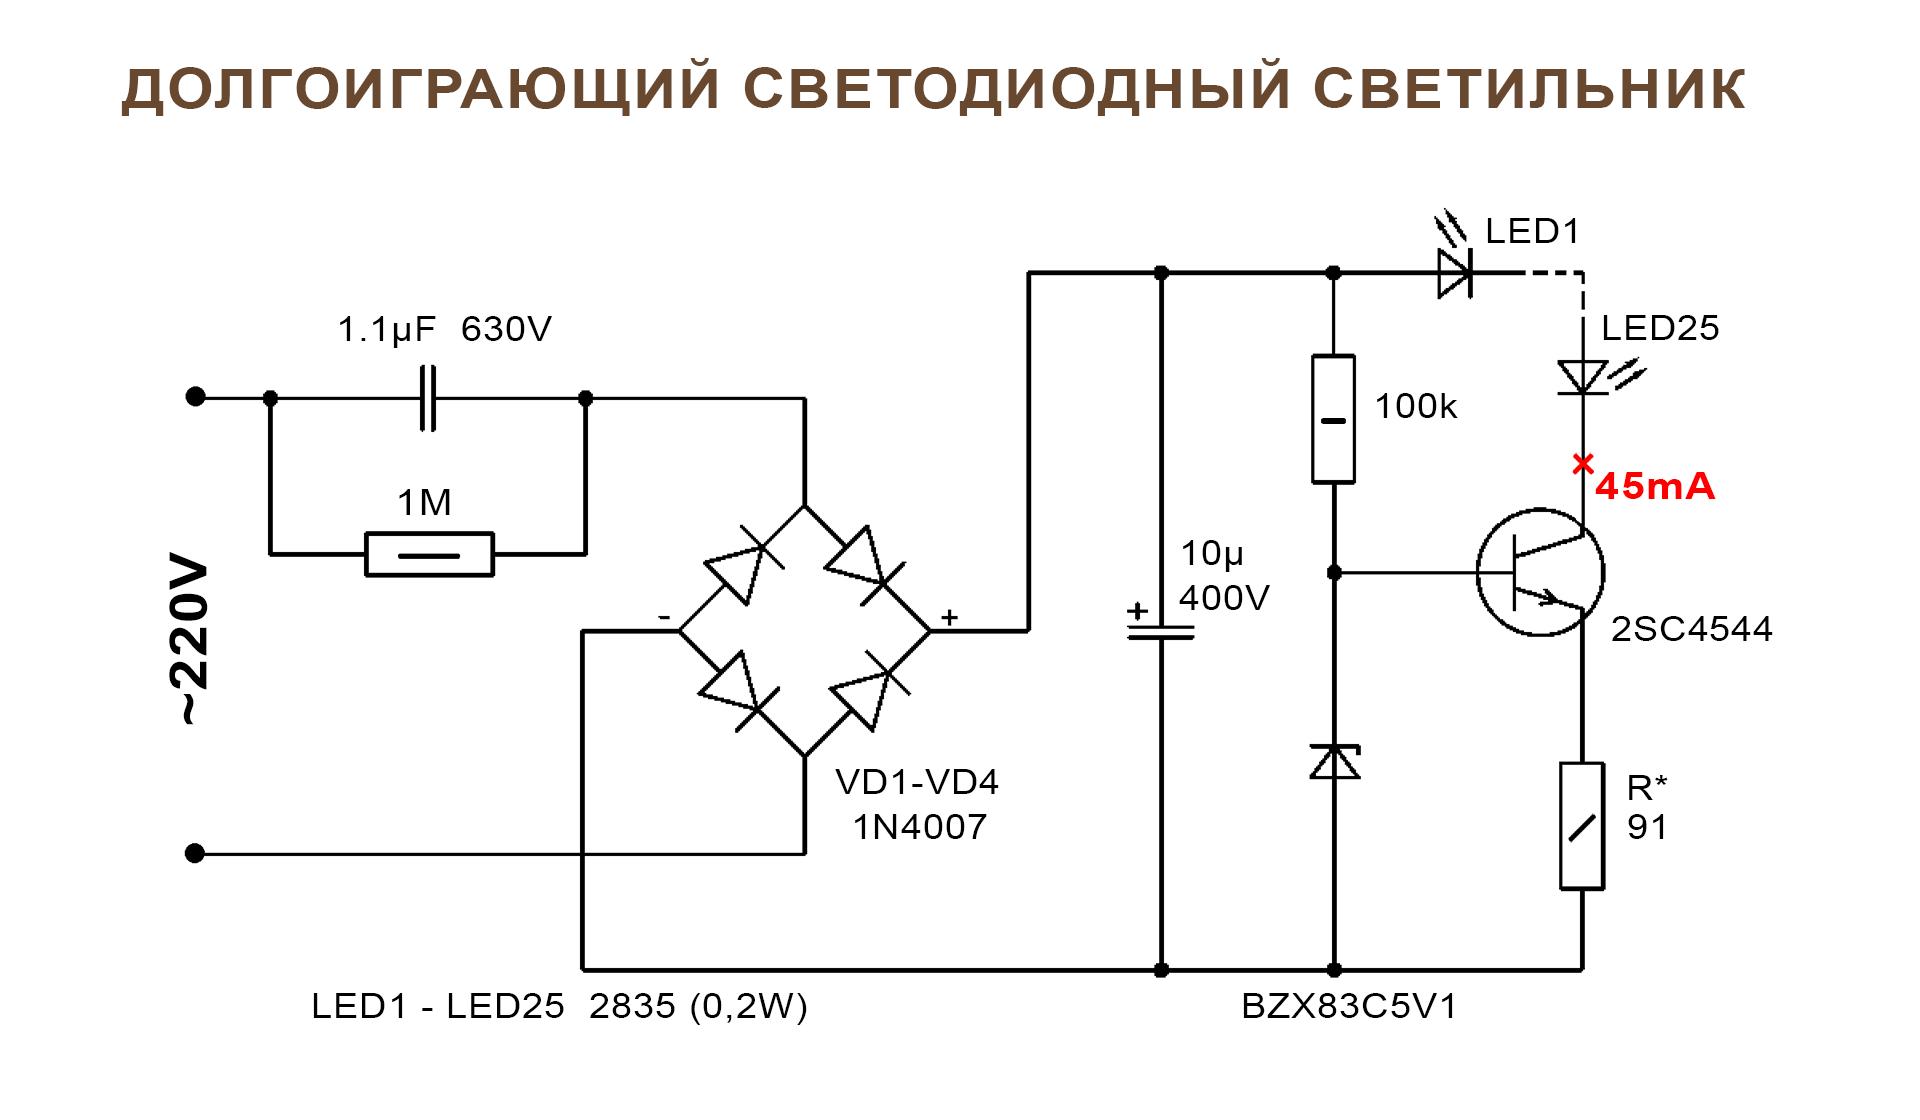 Светодиодный светильник со стабилизацией тока